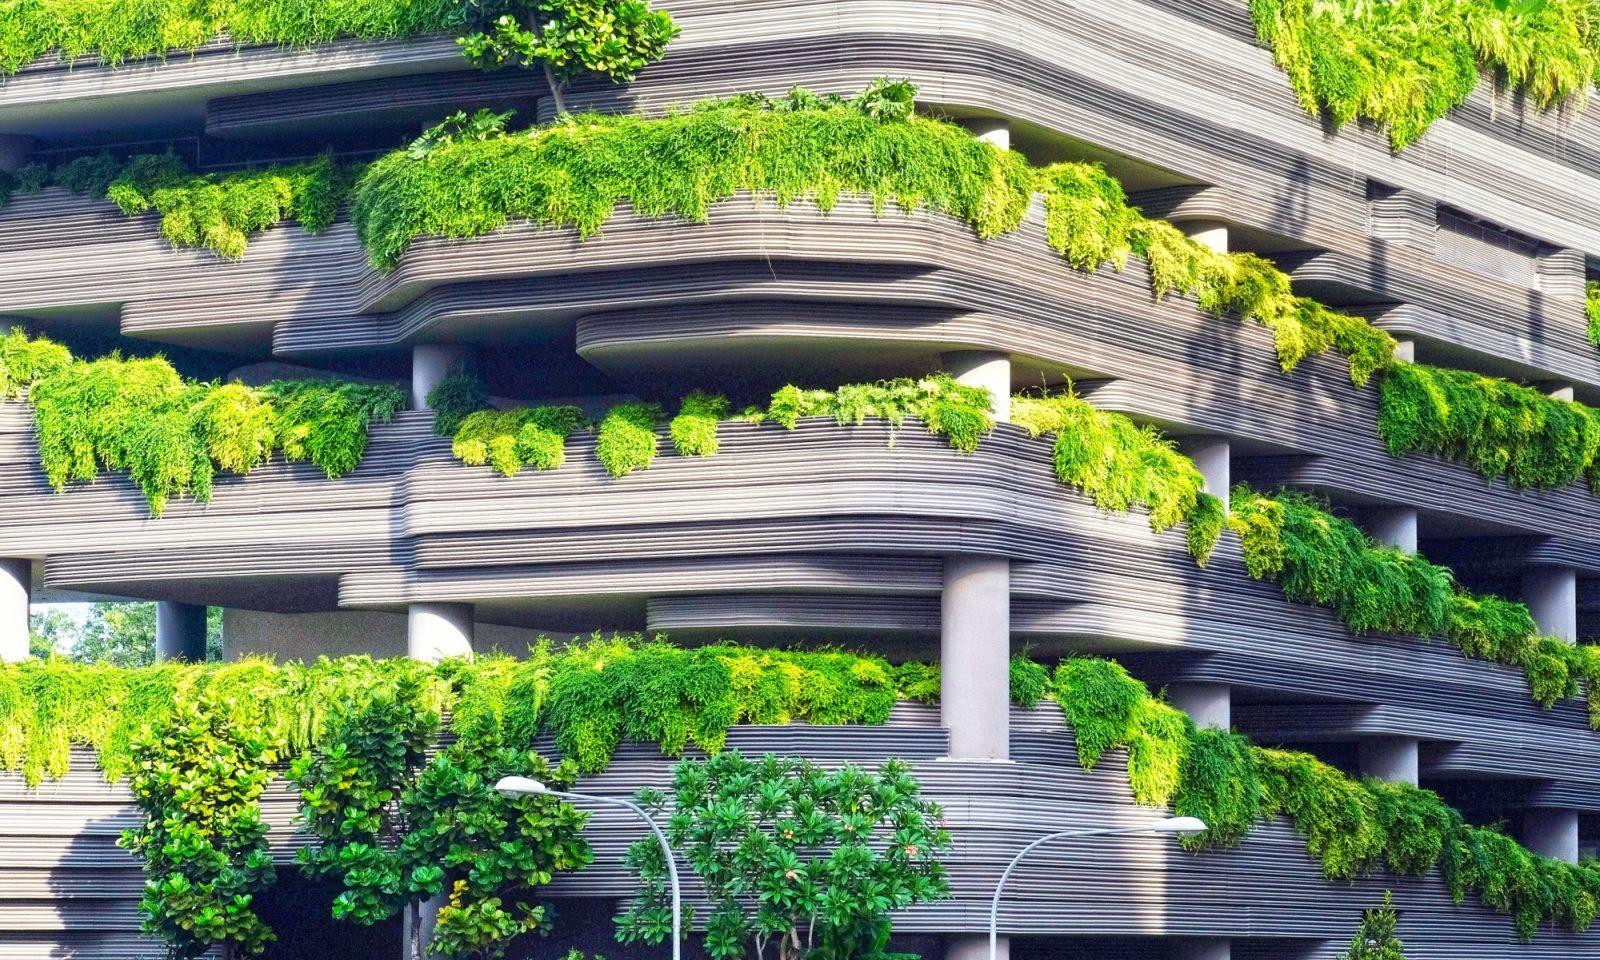 UK built environment lagging on SDGs